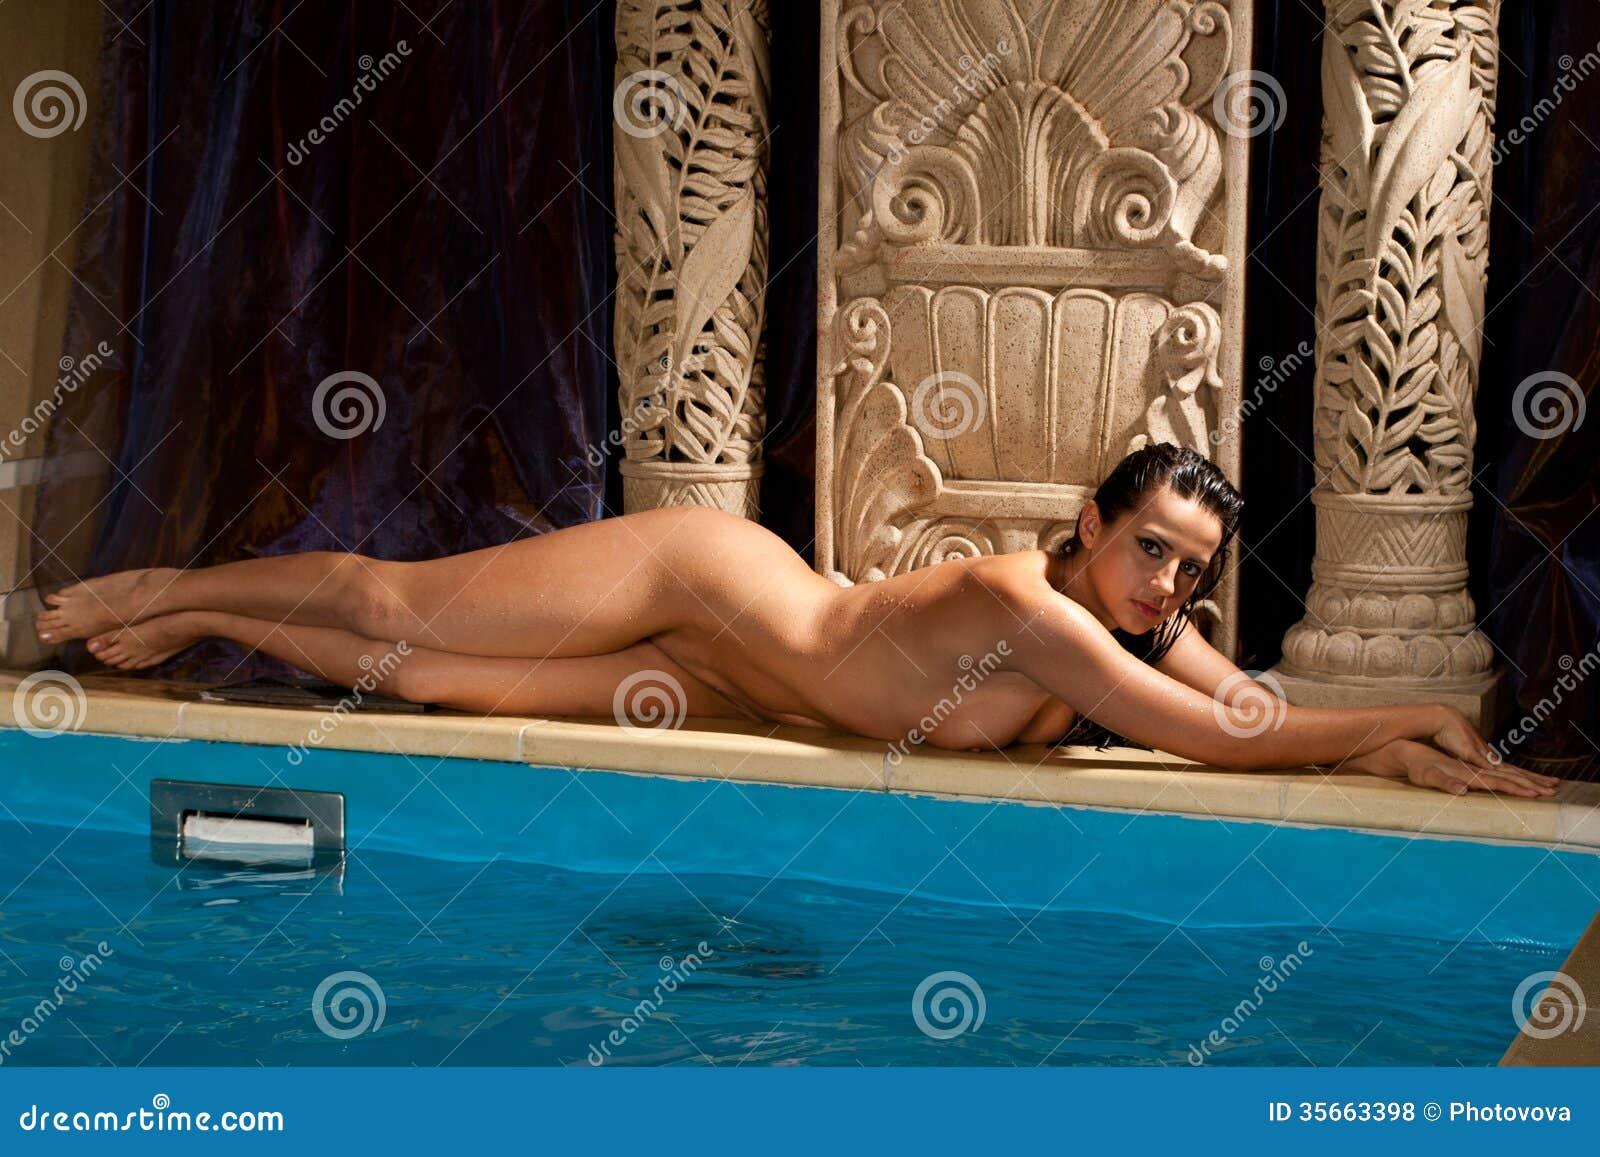 Photos de filles totalement nues dans la piscine ou la mer